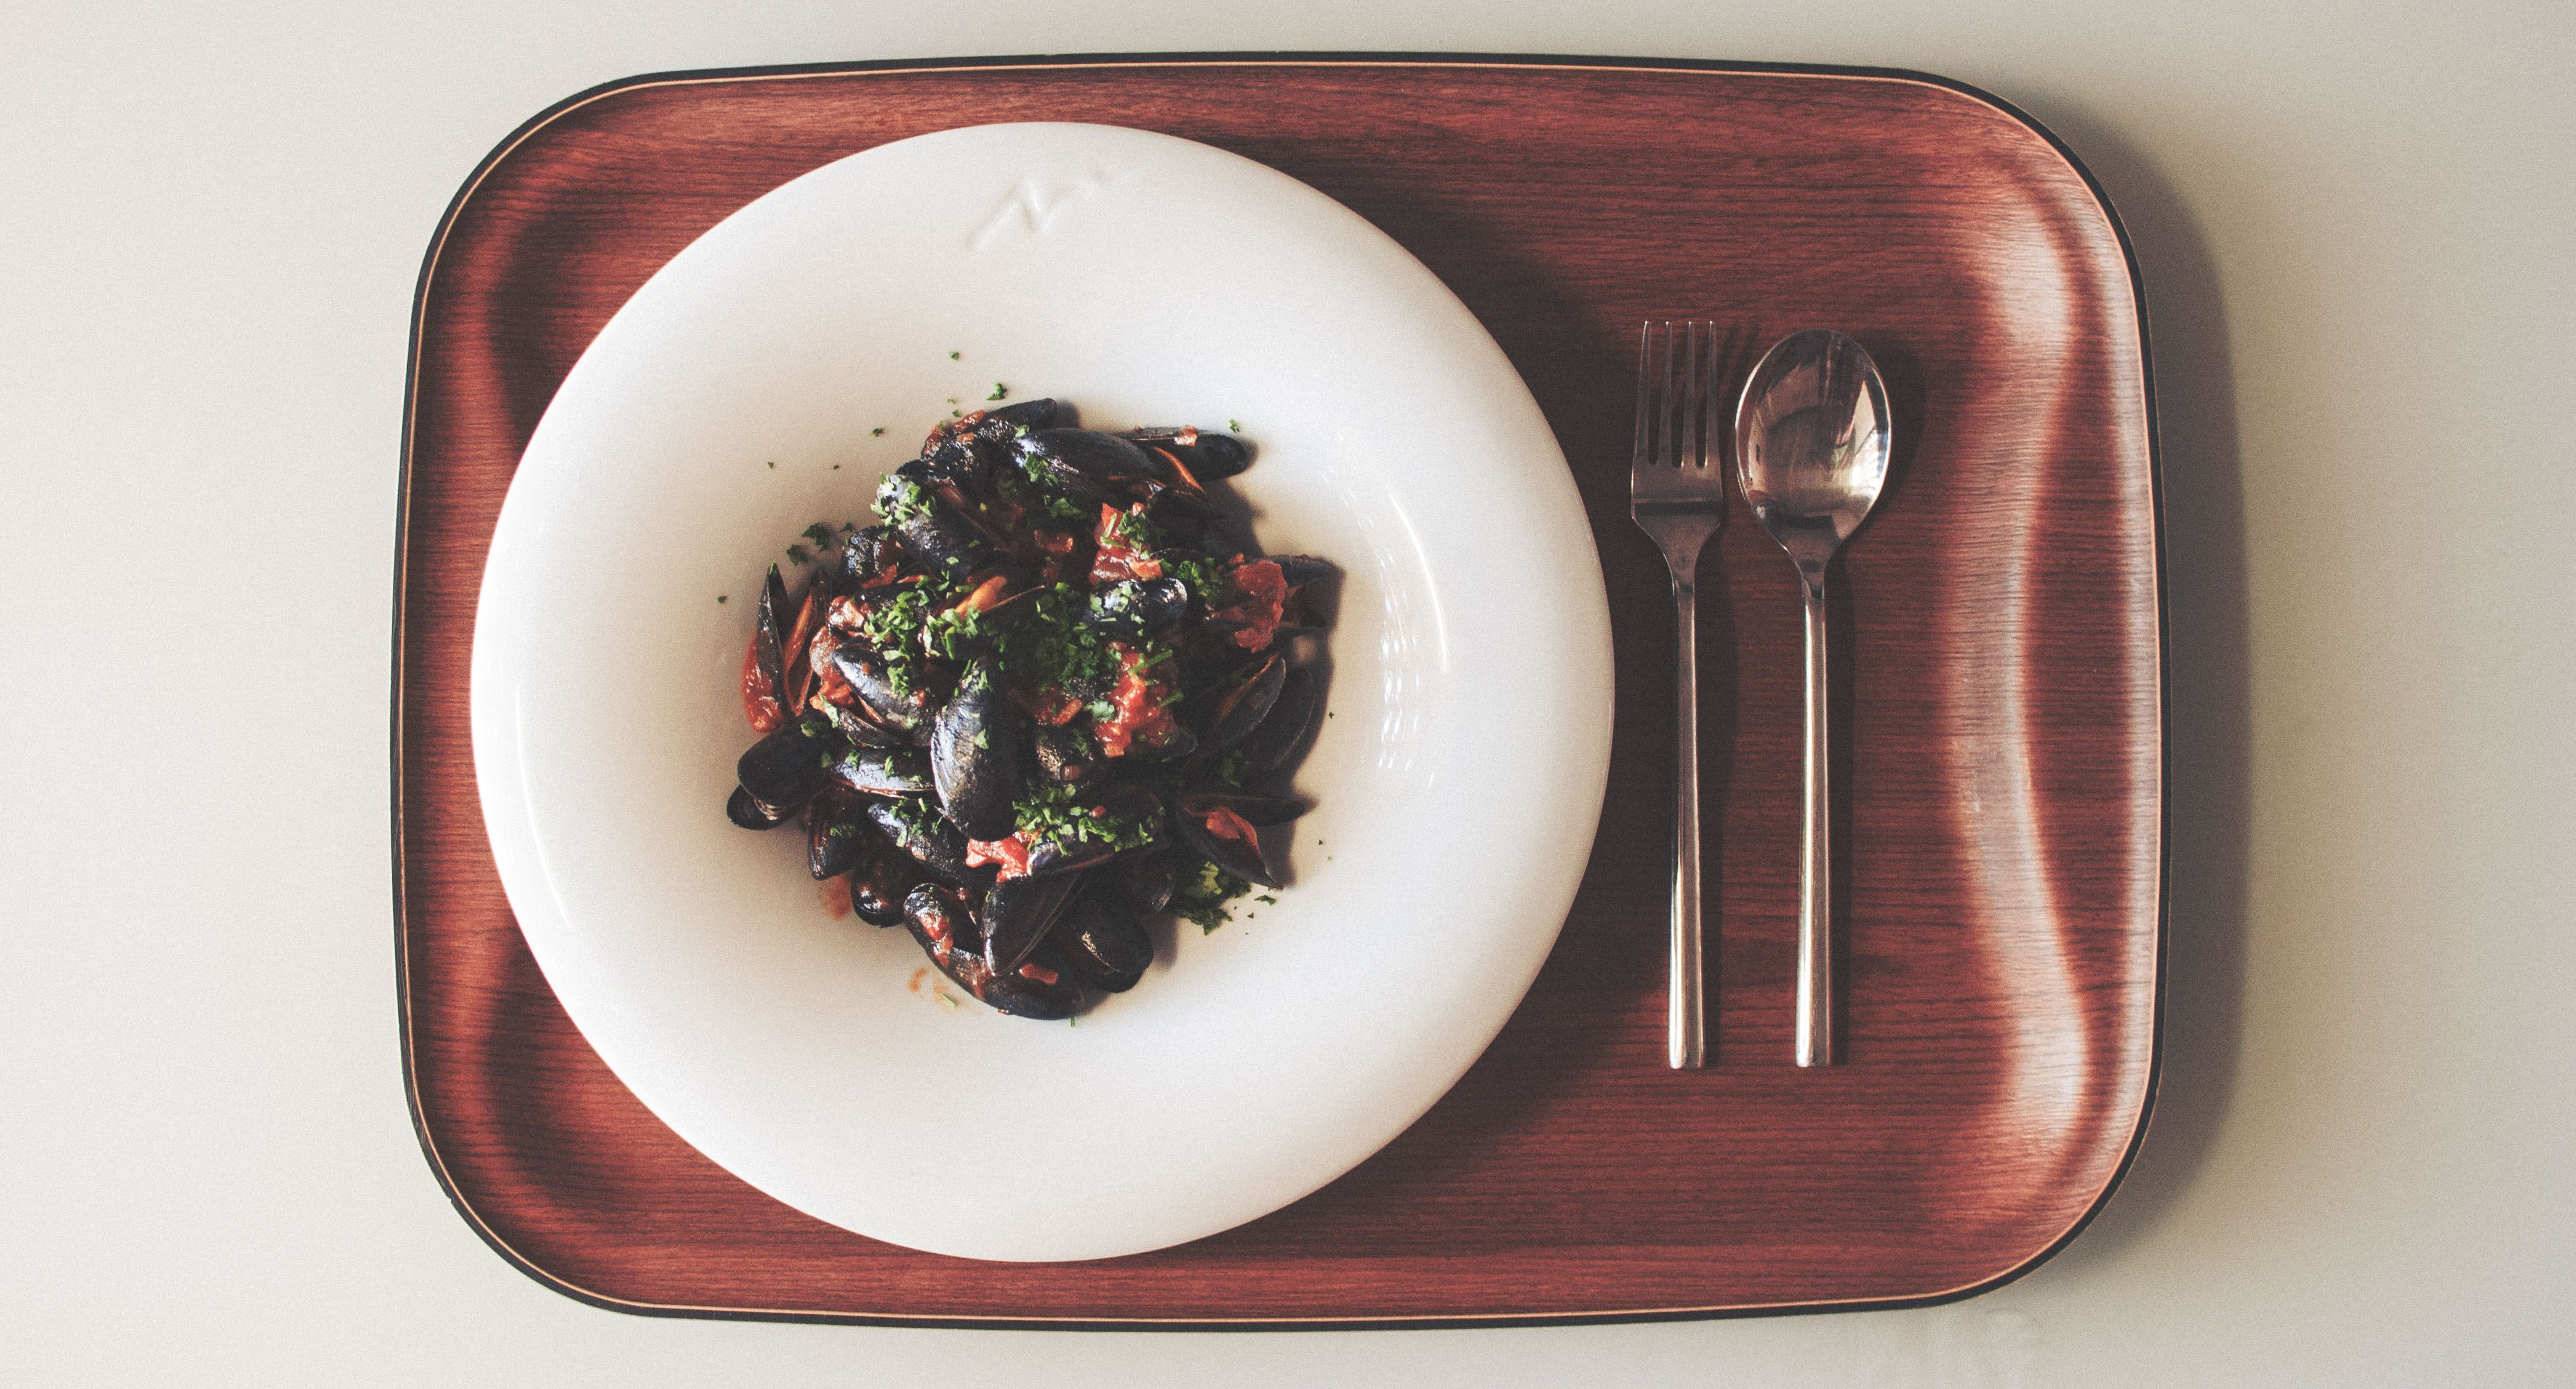 Mejillones de Bouchot picantes. Más fotografías en mi web: dlorenzob.com